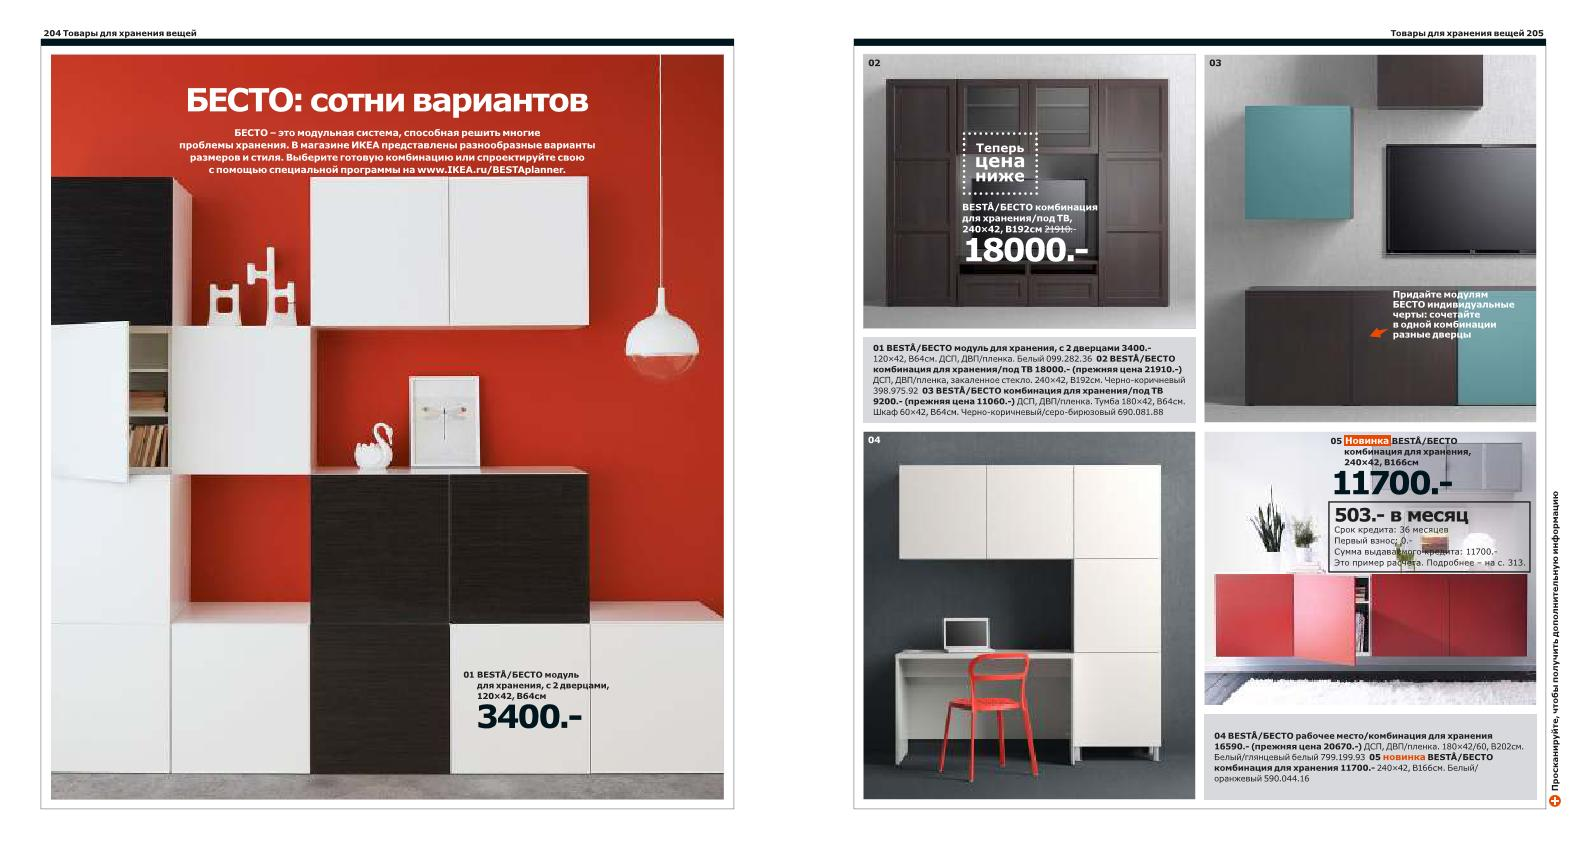 Презентация каталога ИКЕЯ 2014